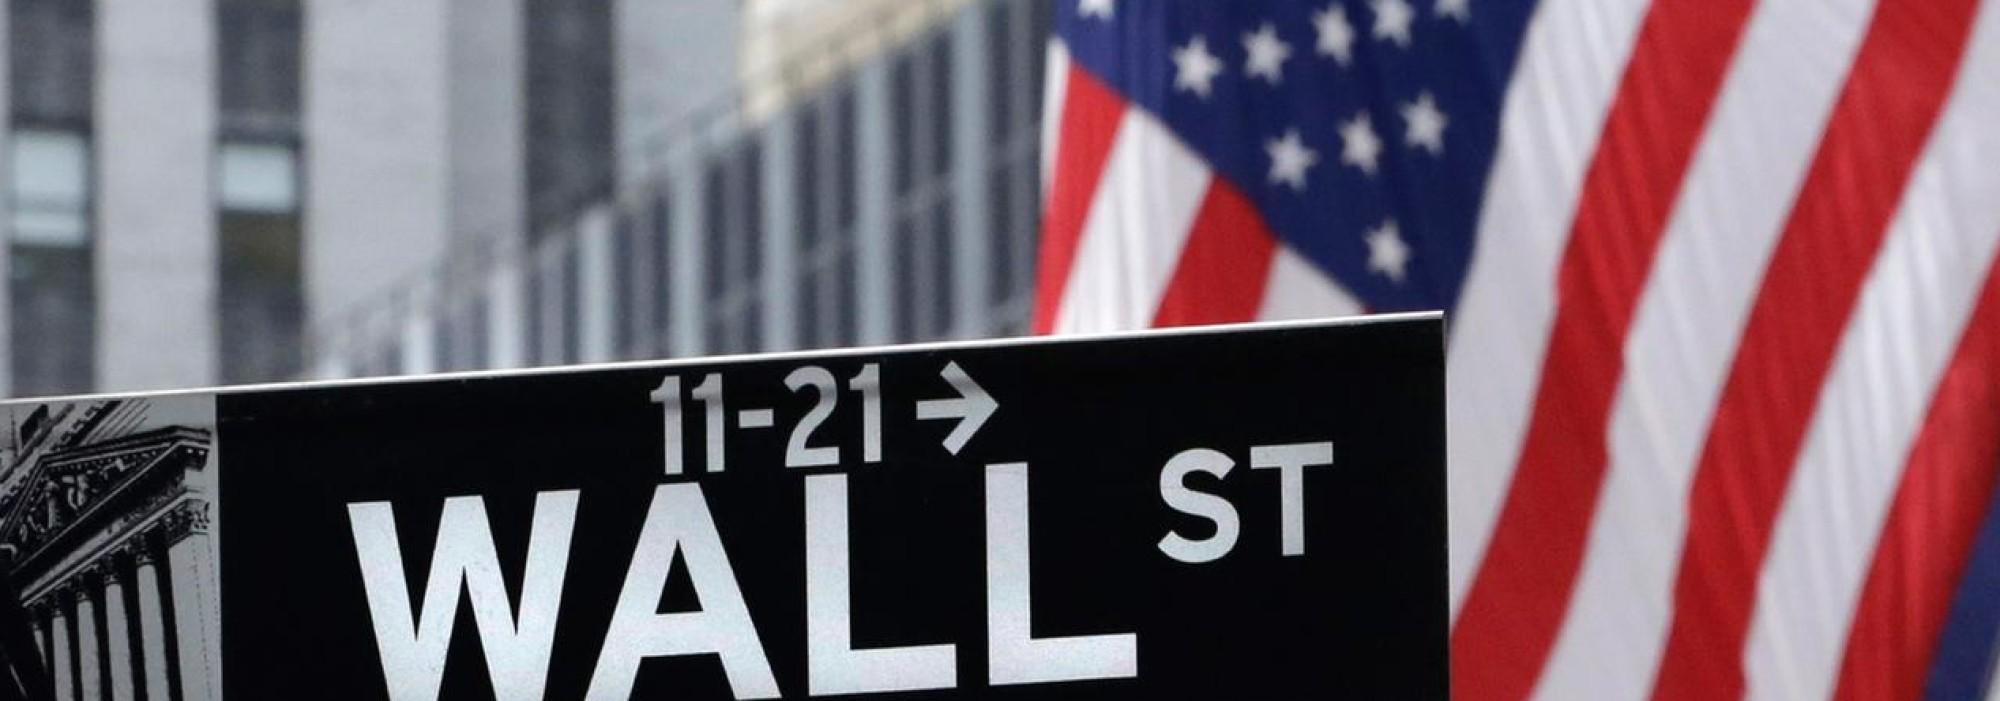 الأسهم الأمريكية ترتفع في افتتاح التعاملات اليومية